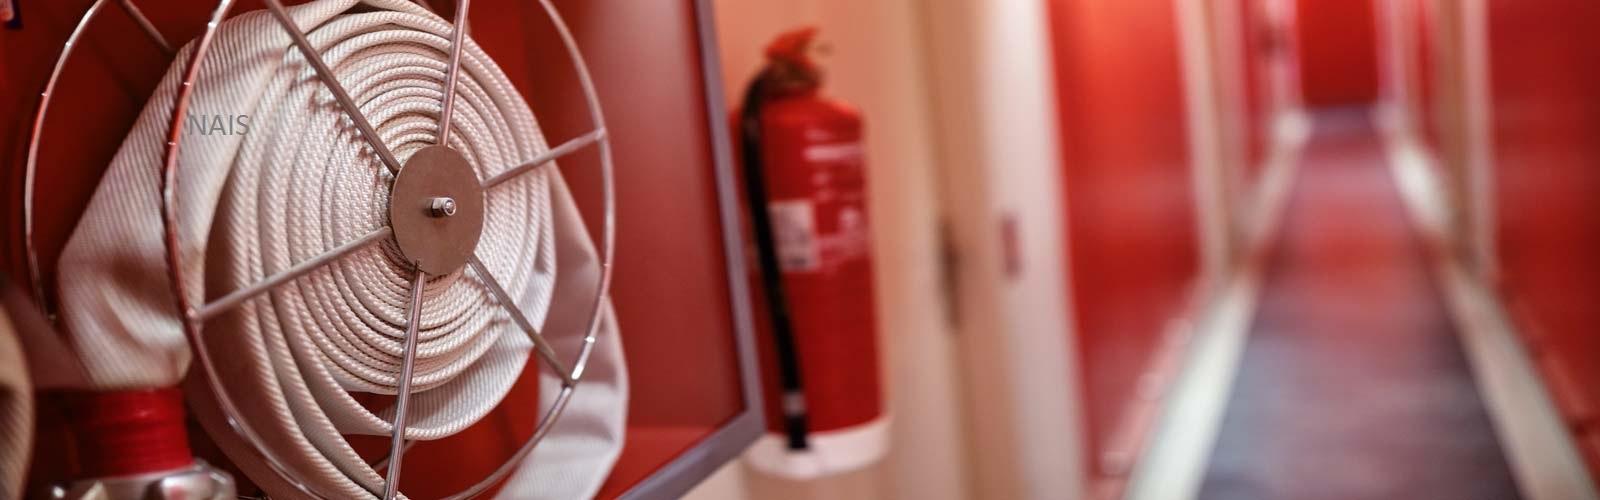 пожарные краны требования